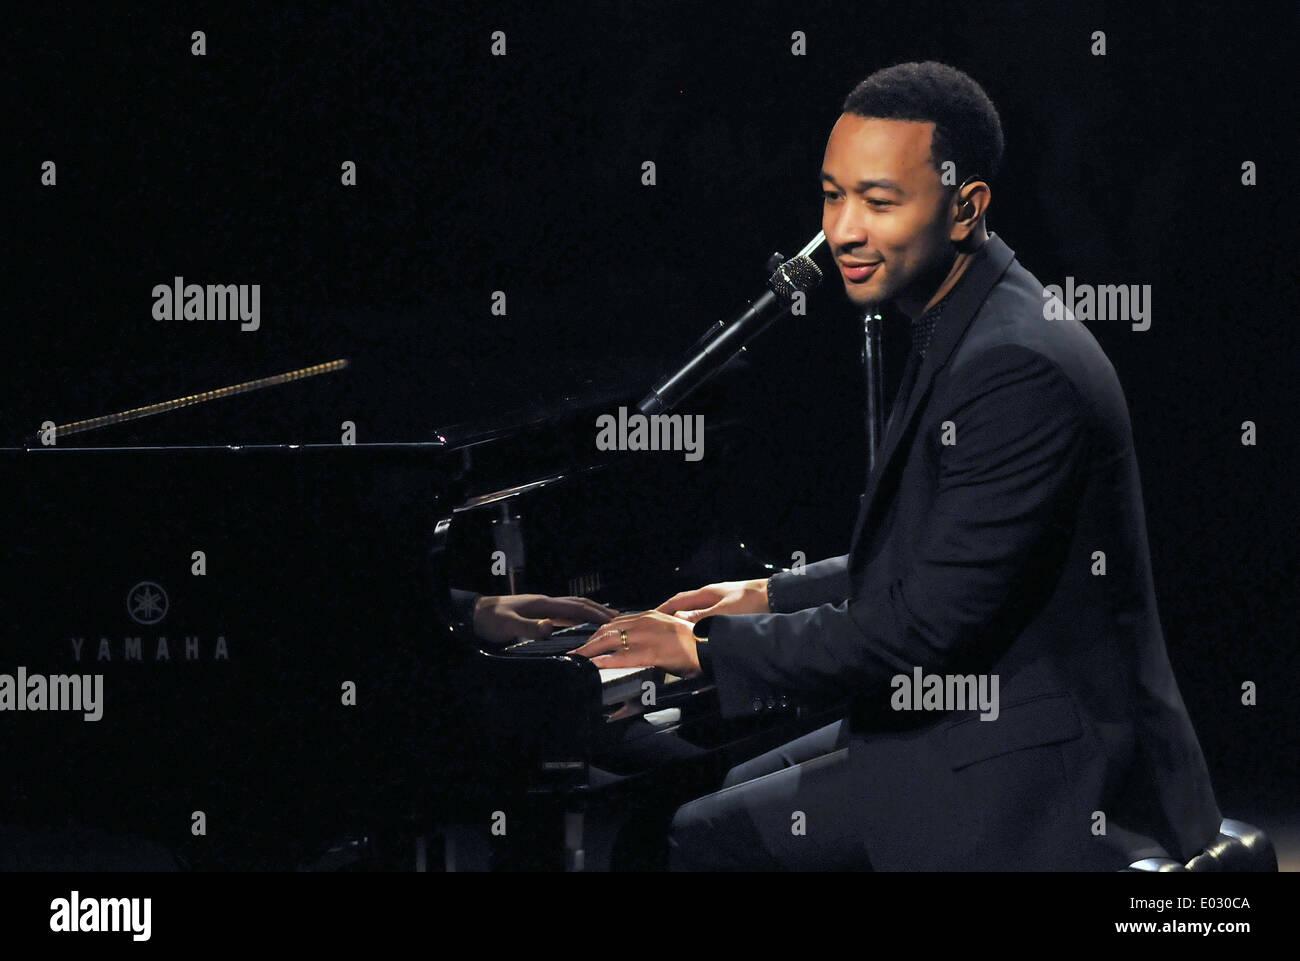 Melbourne, Florida, USA. 28 avril 2014. L'auteur-compositeur John Legend, un neuf Grammy Award Winner, effectue au Centre King pour les arts de la scène dans le cadre de son 'acoustique, intime tout de moi d''. © Paul Hennessy/Alamy Live News Photo Stock